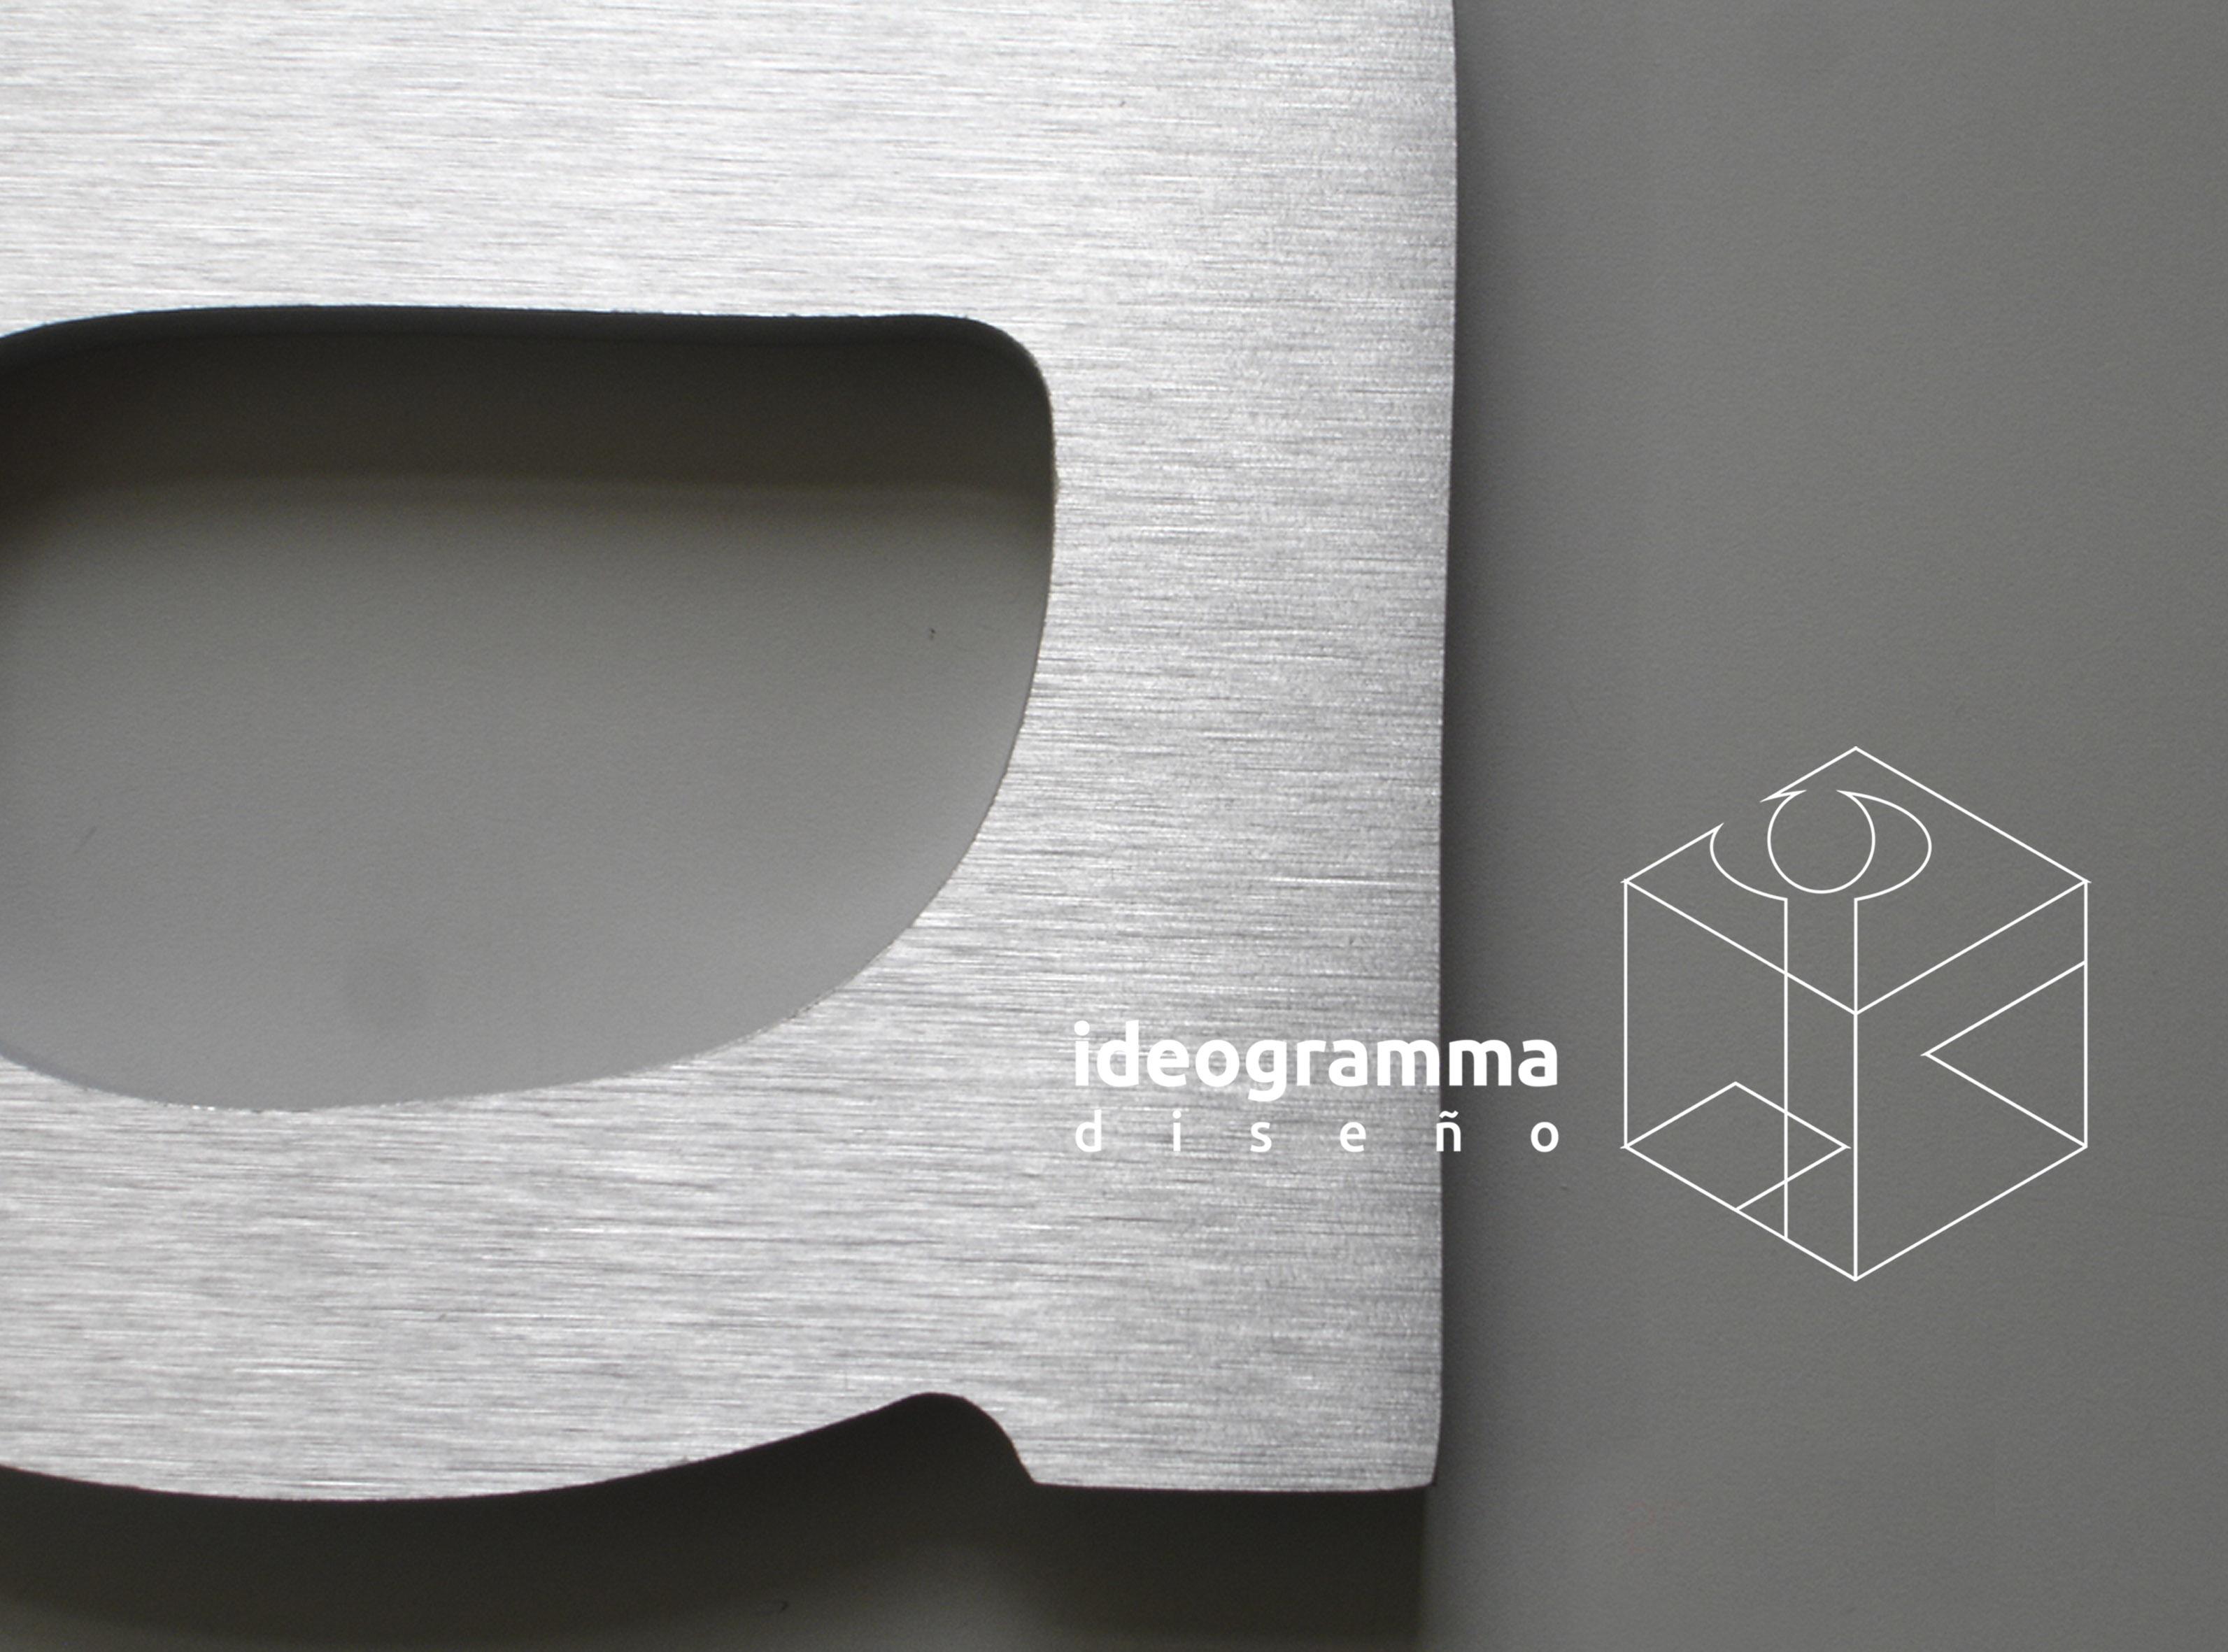 IDEO- web 39.jpg